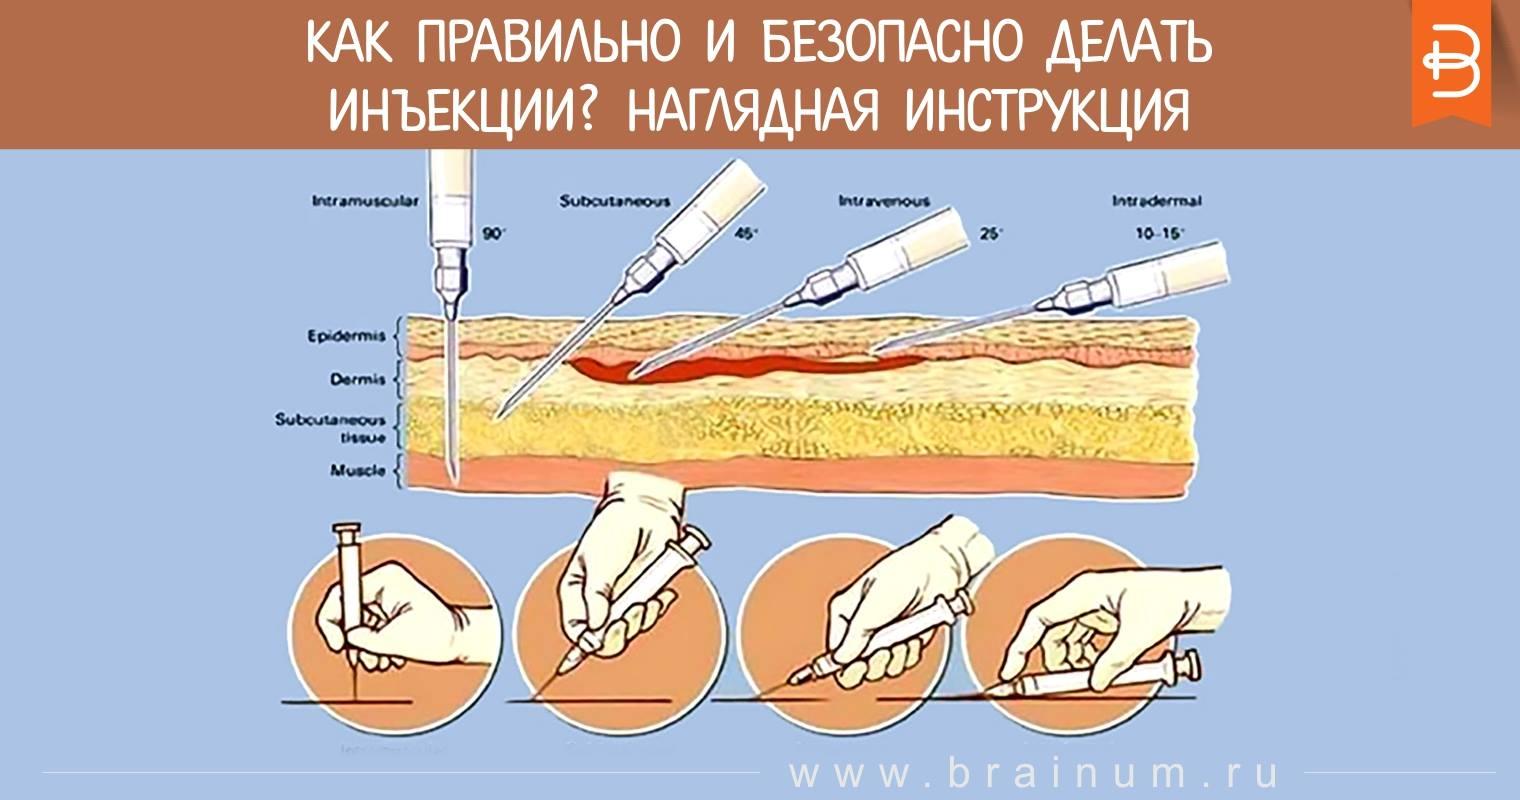 Как правильно и безопасно делать инъекции? Наглядная ...